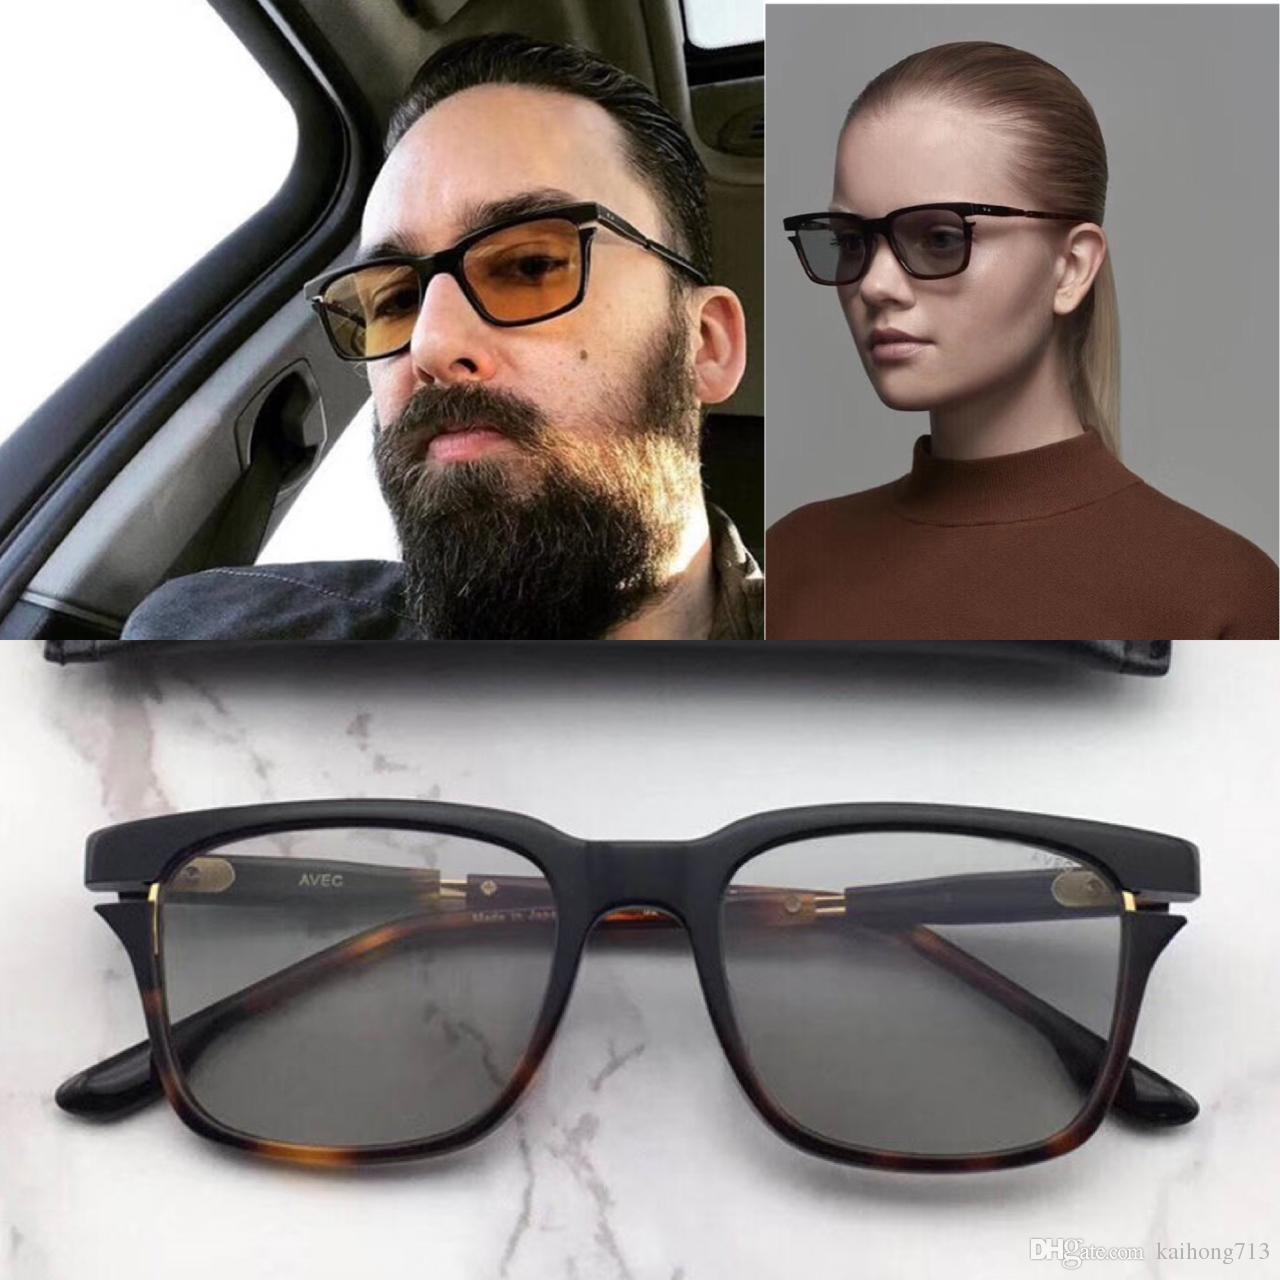 190378729a2cf Compre Novo Luxo AAAAA AVEC Marca De Moda De Luxo Clássico Estilo Óculos De Sol  Melhor Qualidade De Metal Homens E Mulheres Design De Kaihong713